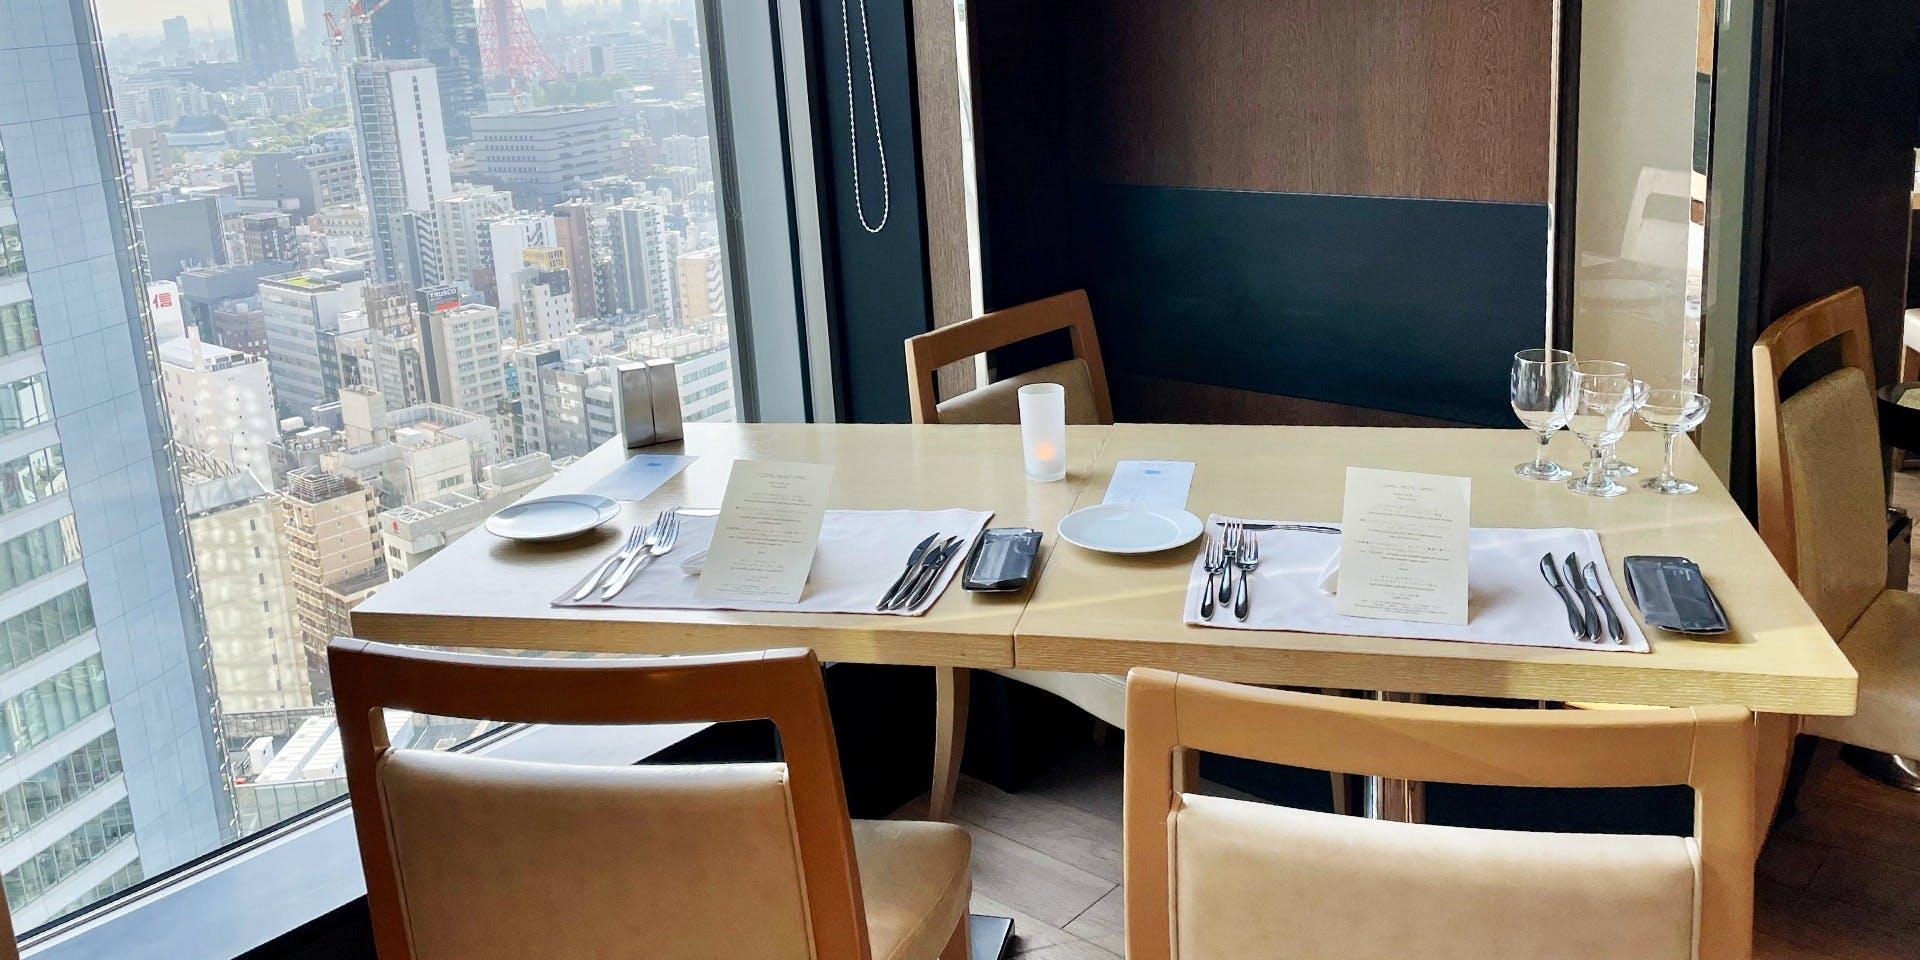 記念日におすすめのレストラン・レストラン ハーモニー/THE BAR/ザ ロイヤルパークホテル アイコニック 東京汐留の写真2